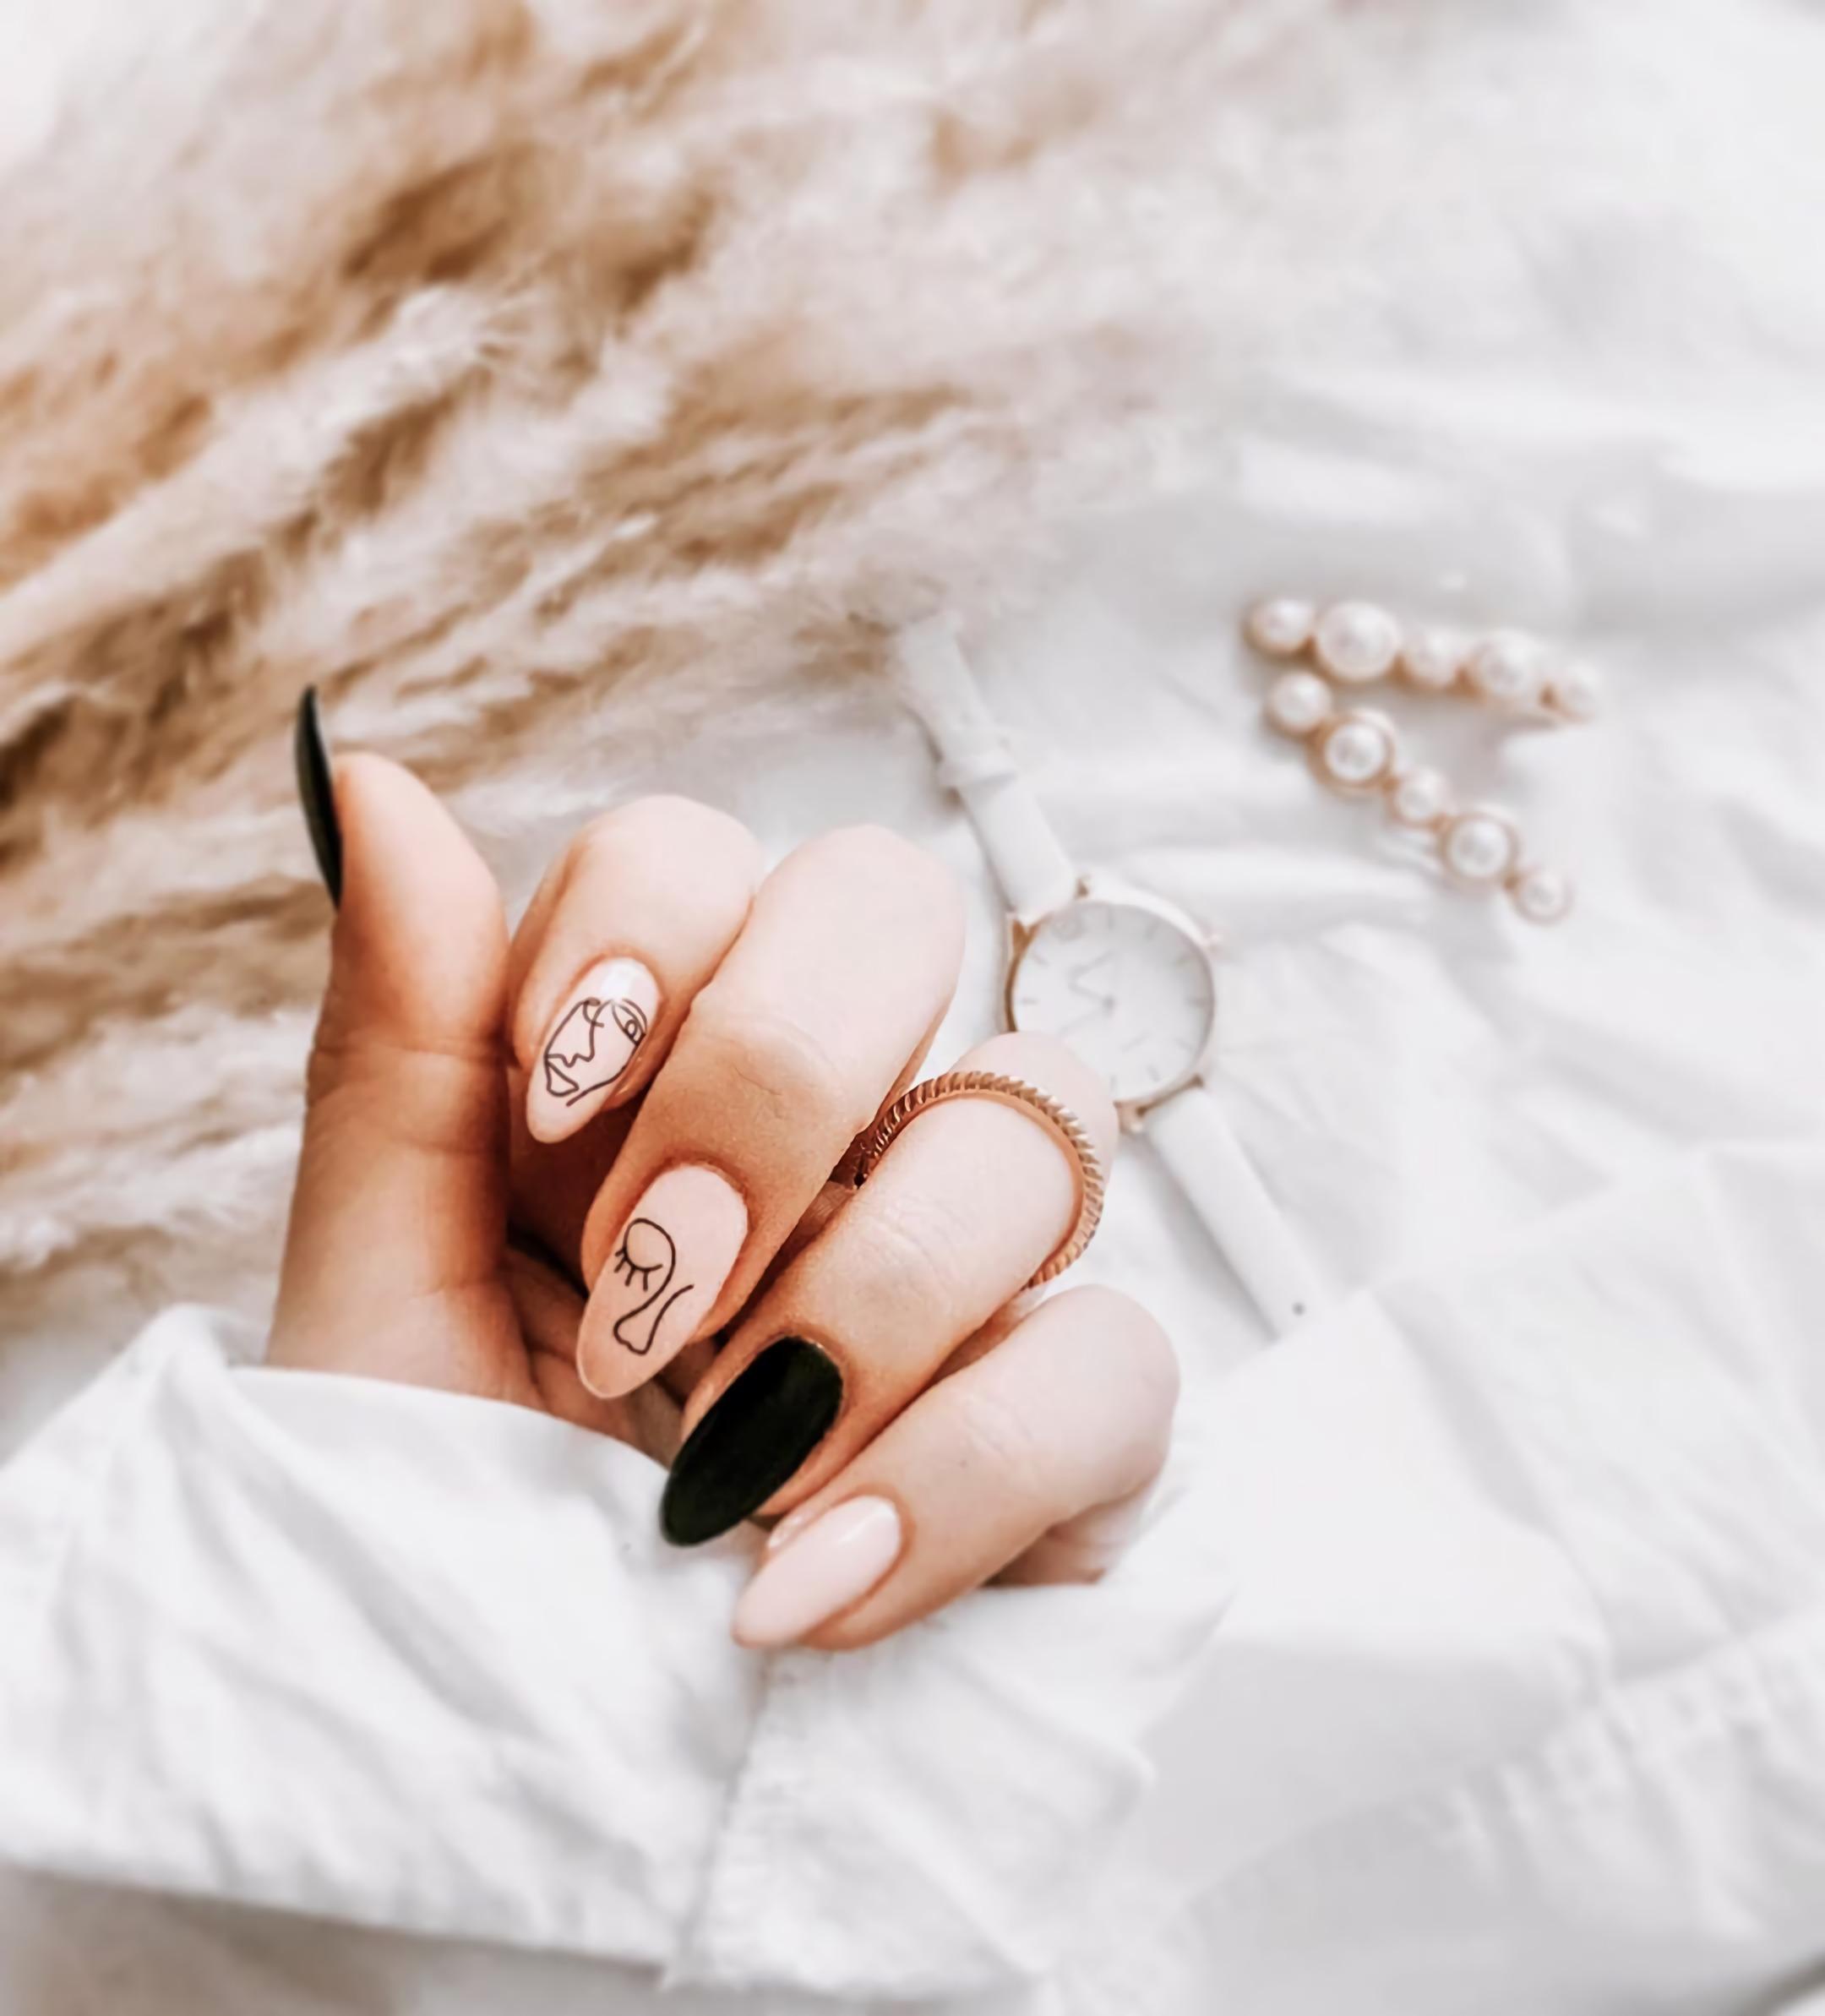 короткие ногти с абстрактными лицами